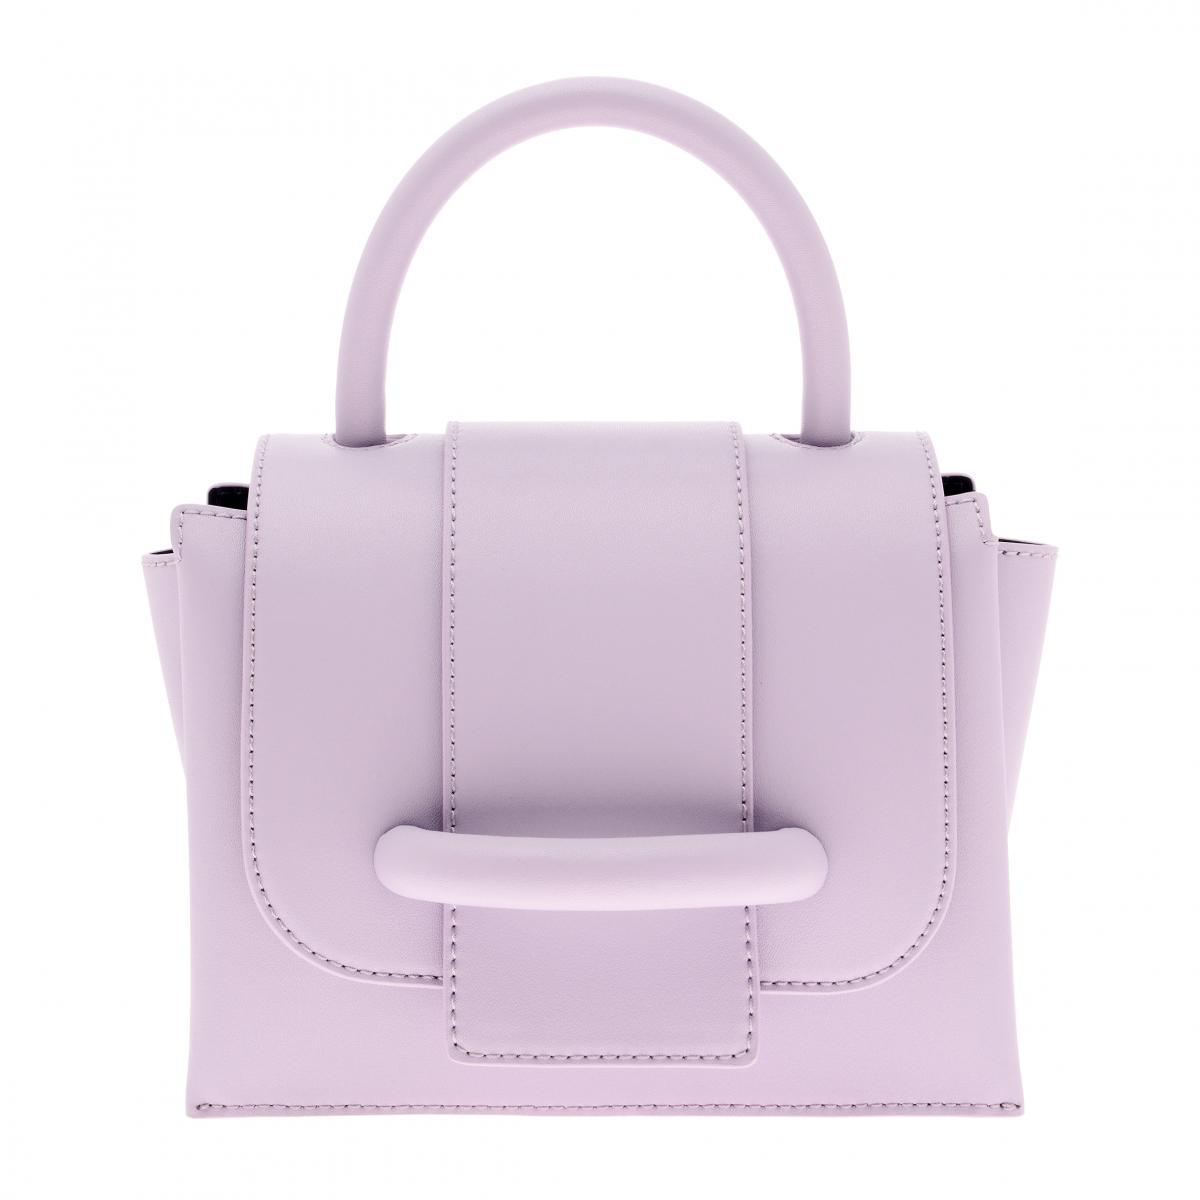 Charles & Keith包包紫色系推薦Top 6!水桶包 、小方包 、幾何翻蓋半圓包...全部3000元有找!-2